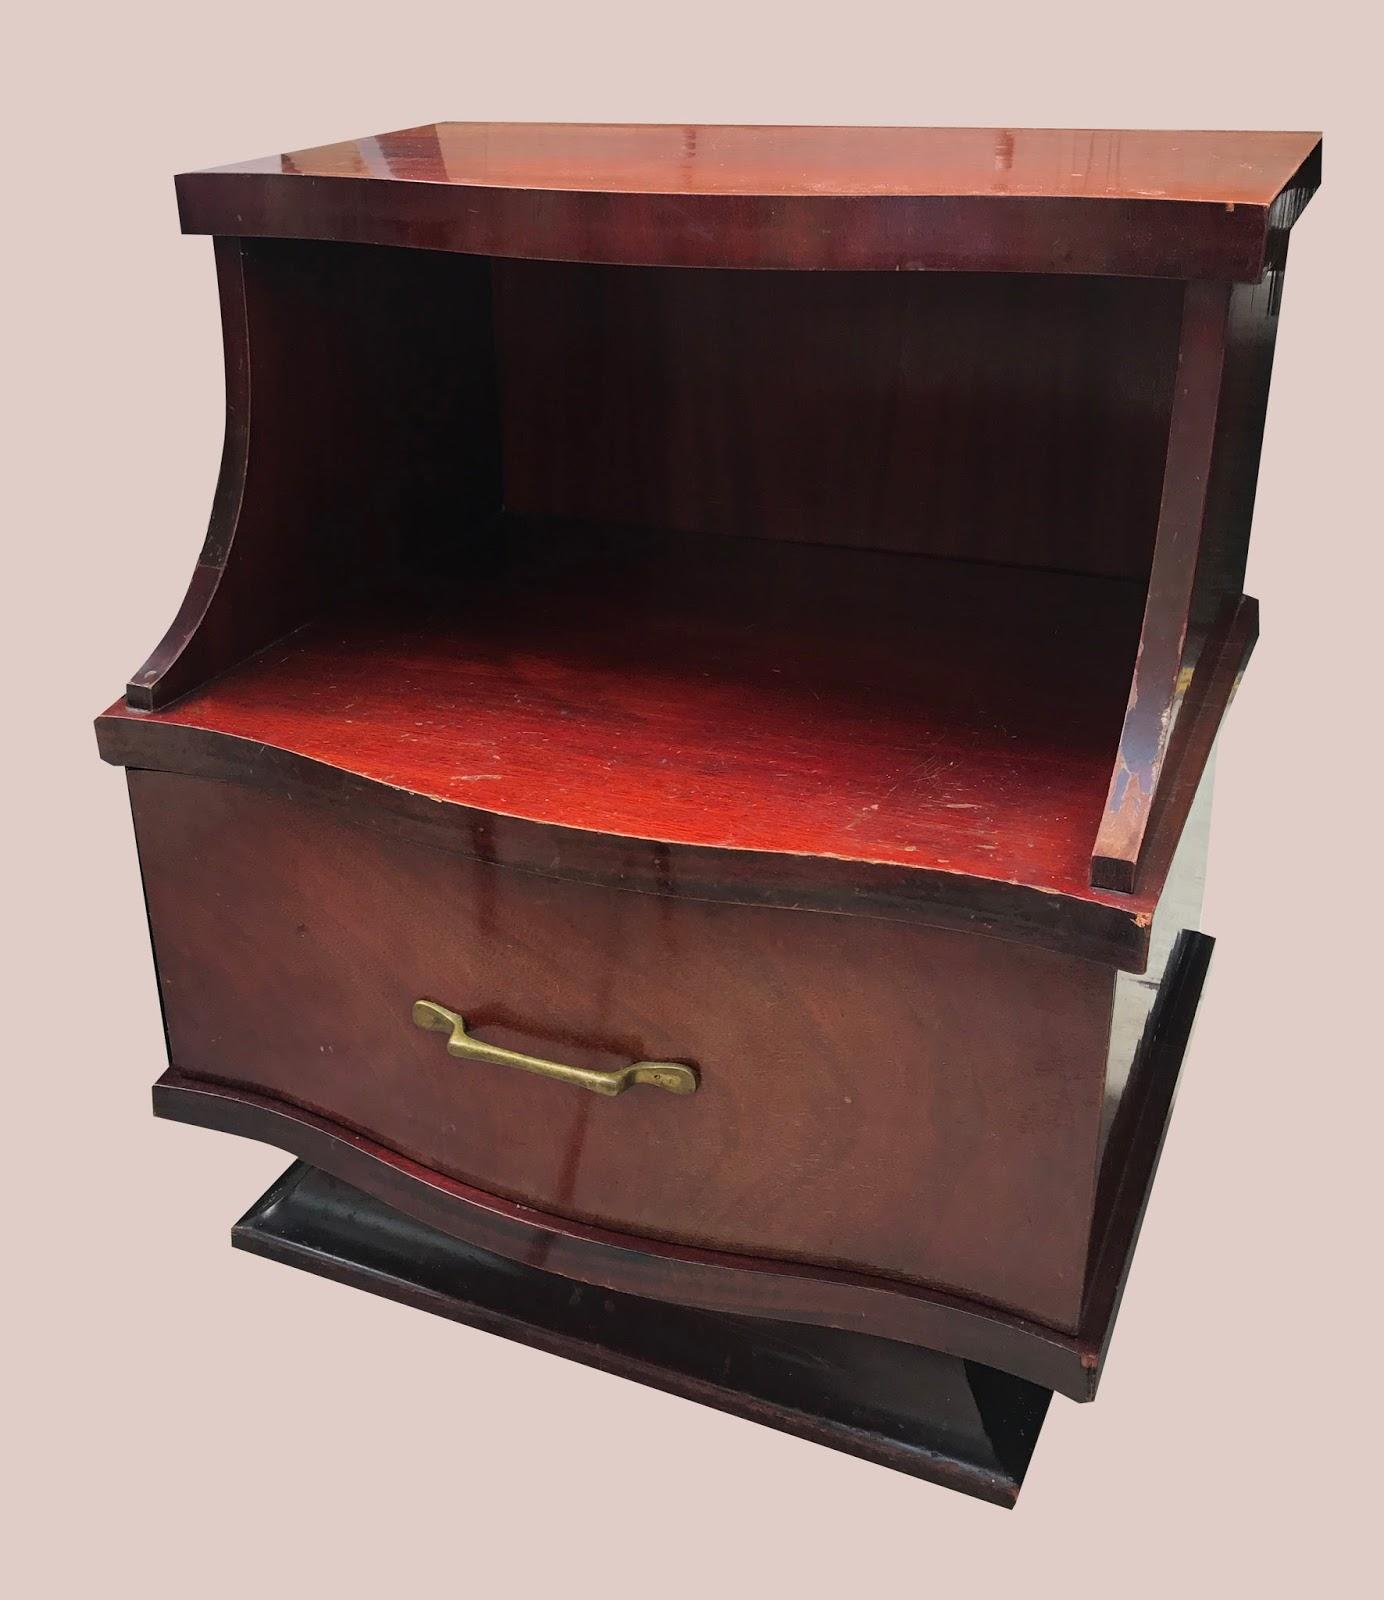 Uhuru Furniture & Collectibles: 1950s 5 Piece Bedroom Set